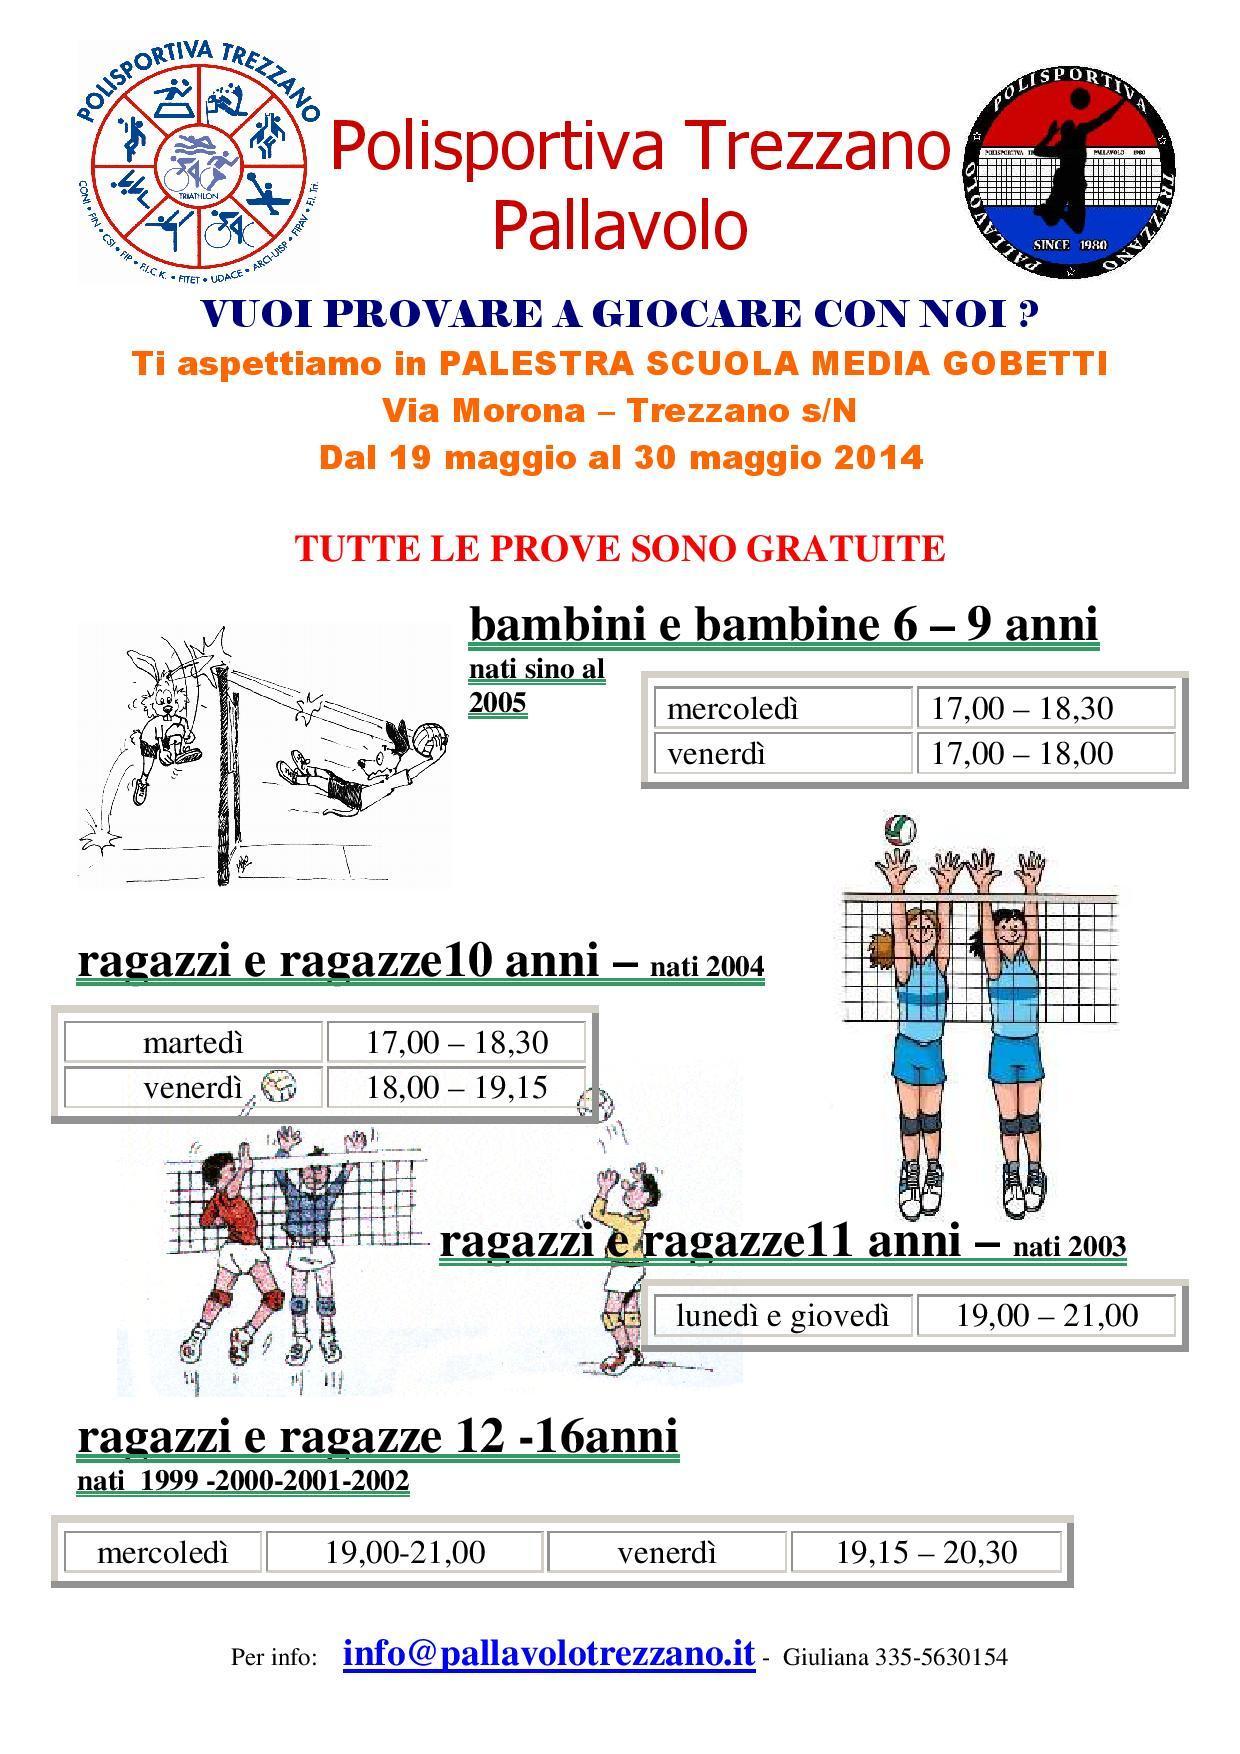 Polisportiva Trezzano Pallavolo, campus a Bibione, prova gratuita, orari